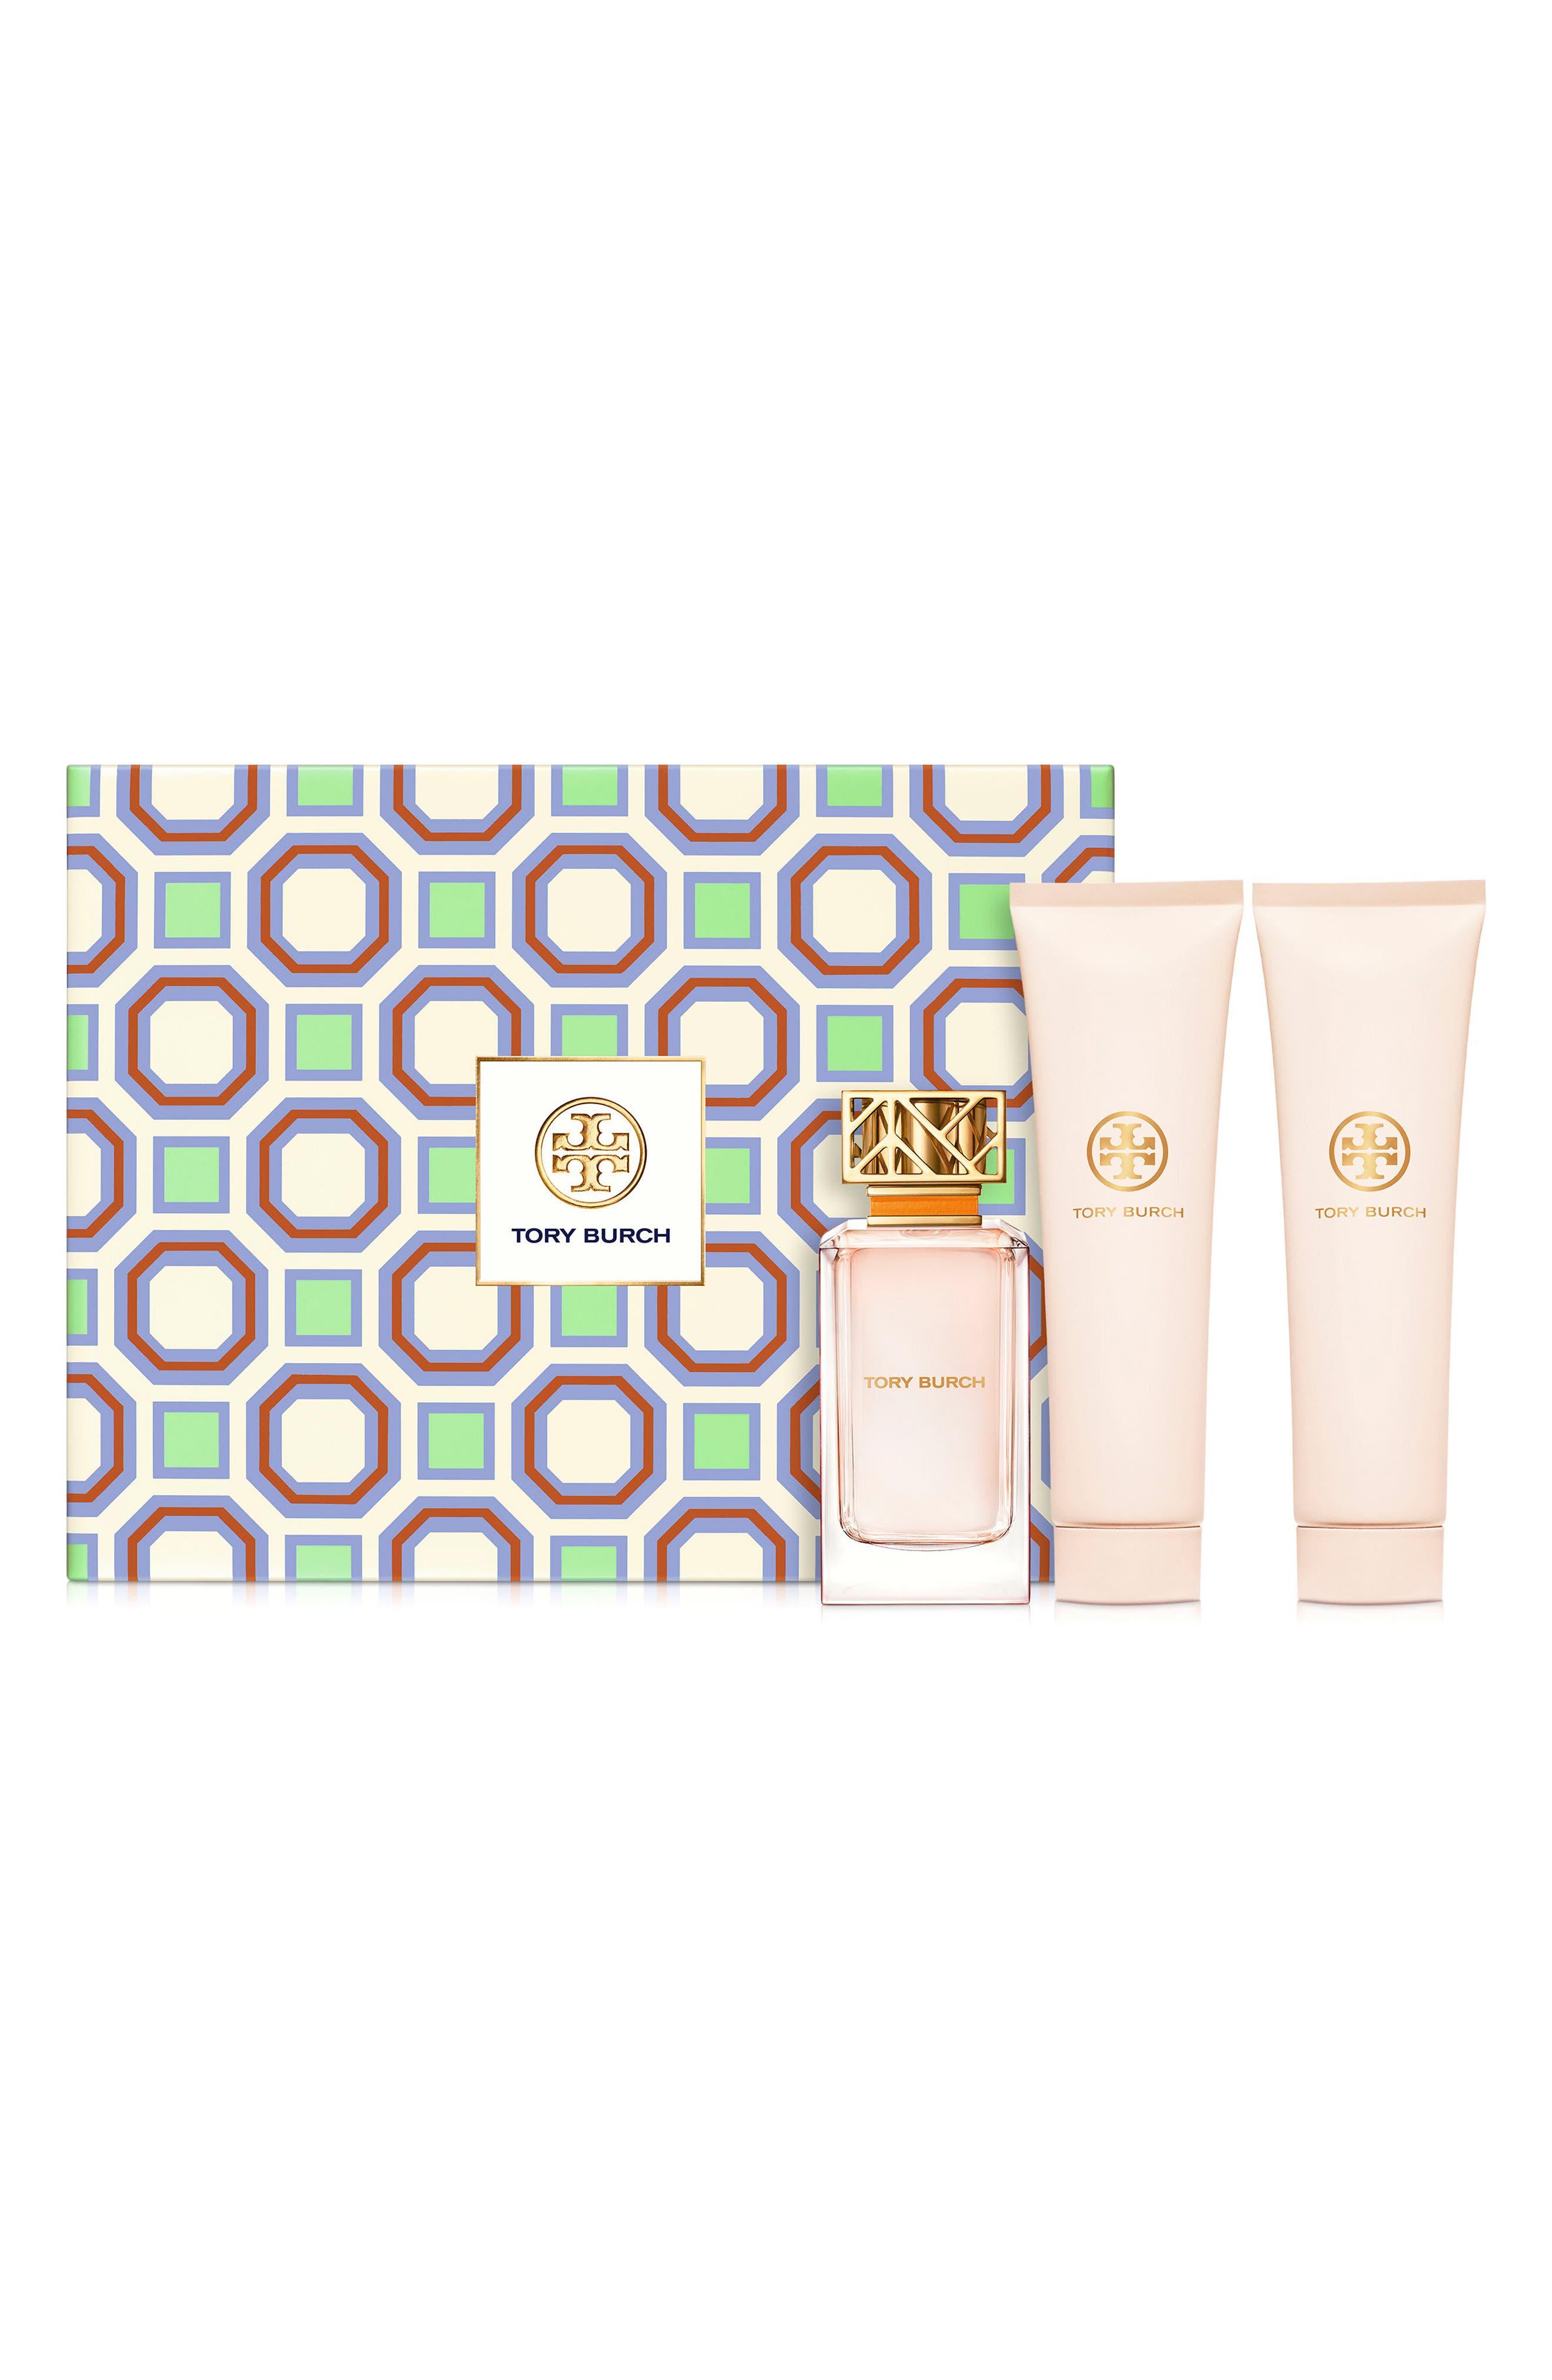 Tory Burch Eau de Parfum Set ($170 Value)